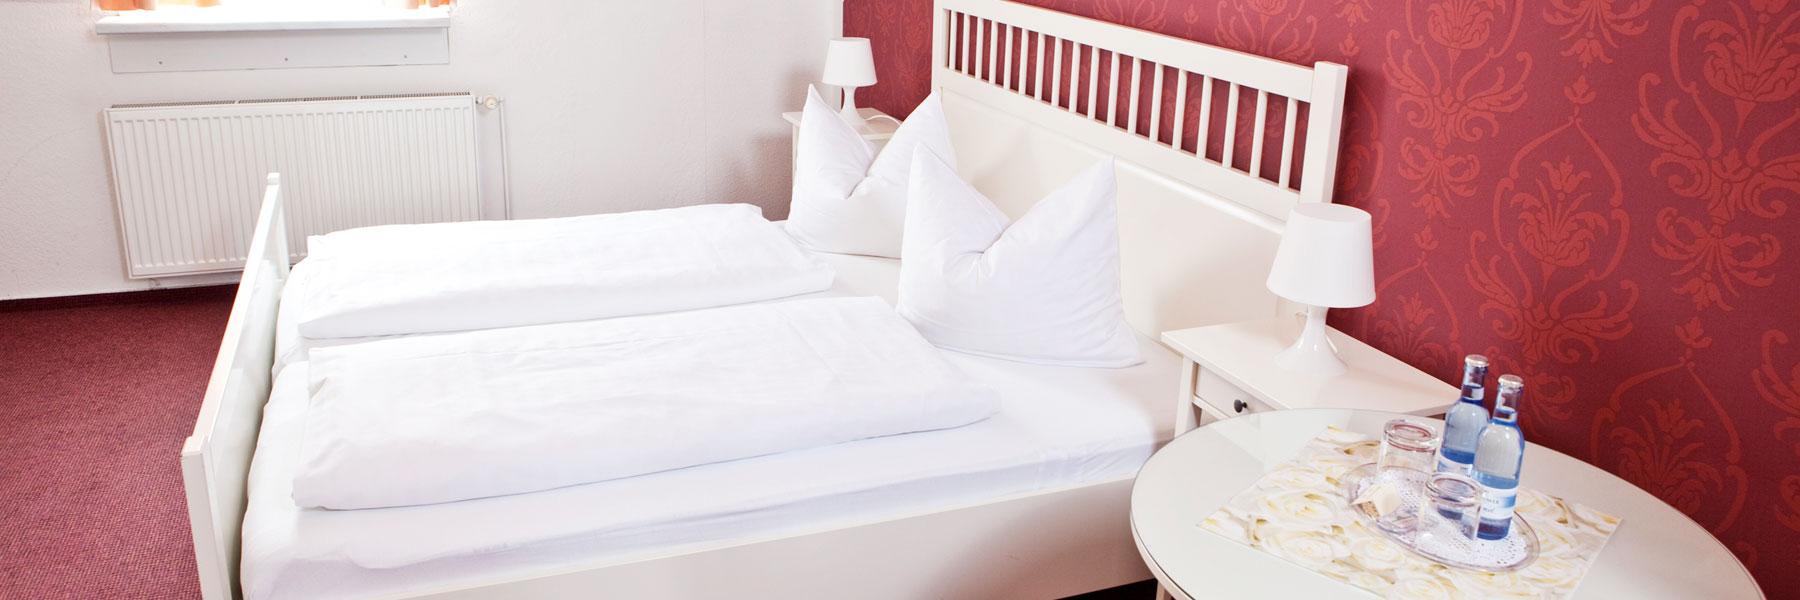 Schlafzimmer - Hotel Adler garni Greifswald